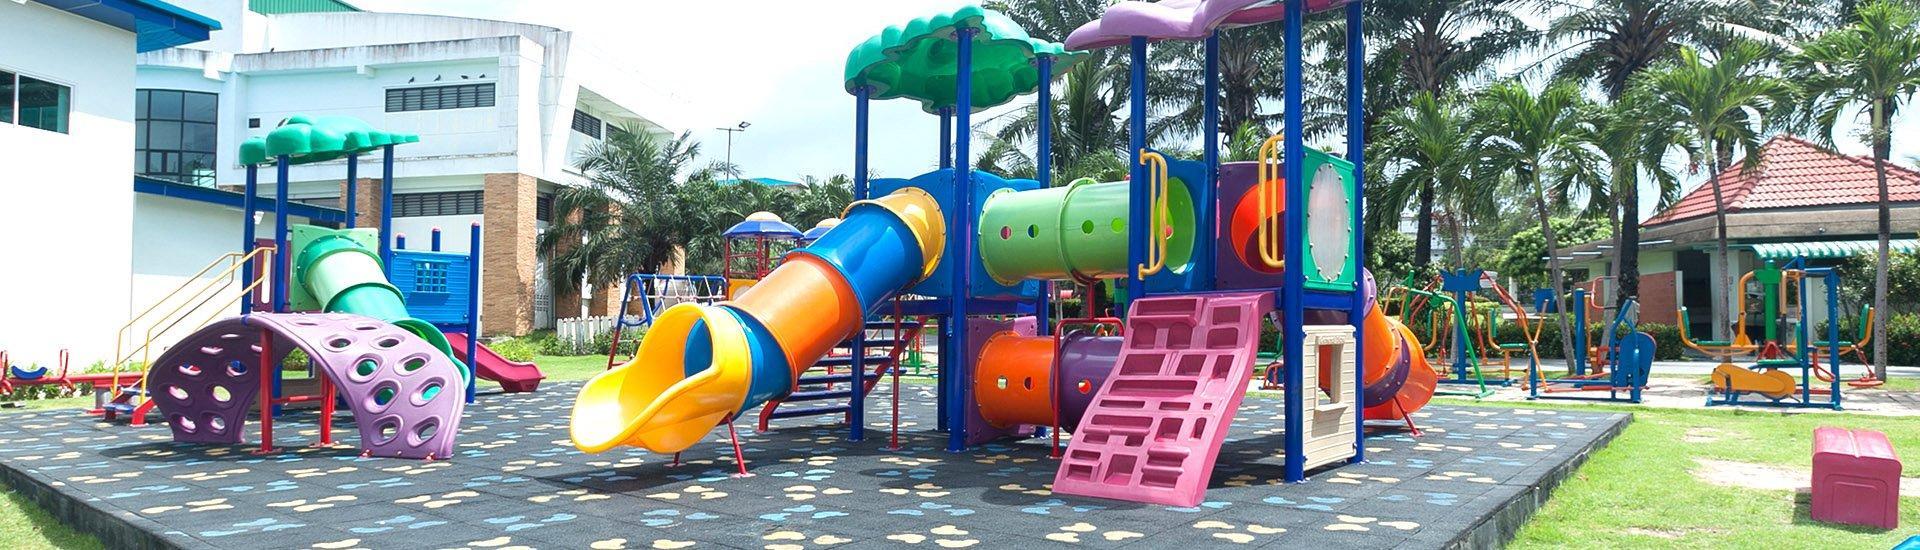 bezpieczny plac zabaw